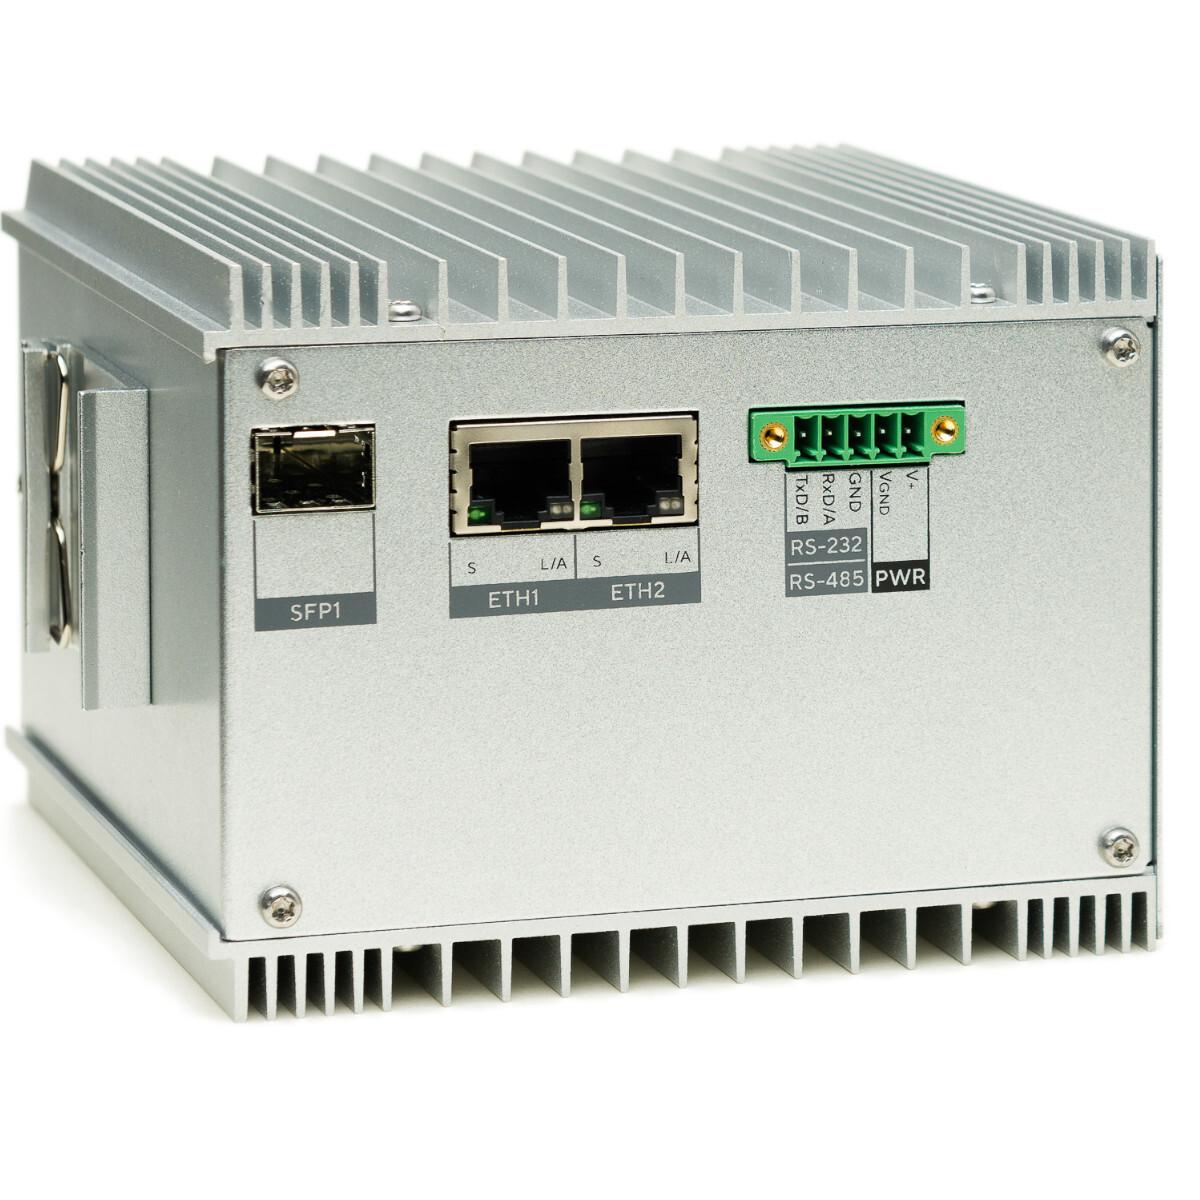 NB1810 connectors 3